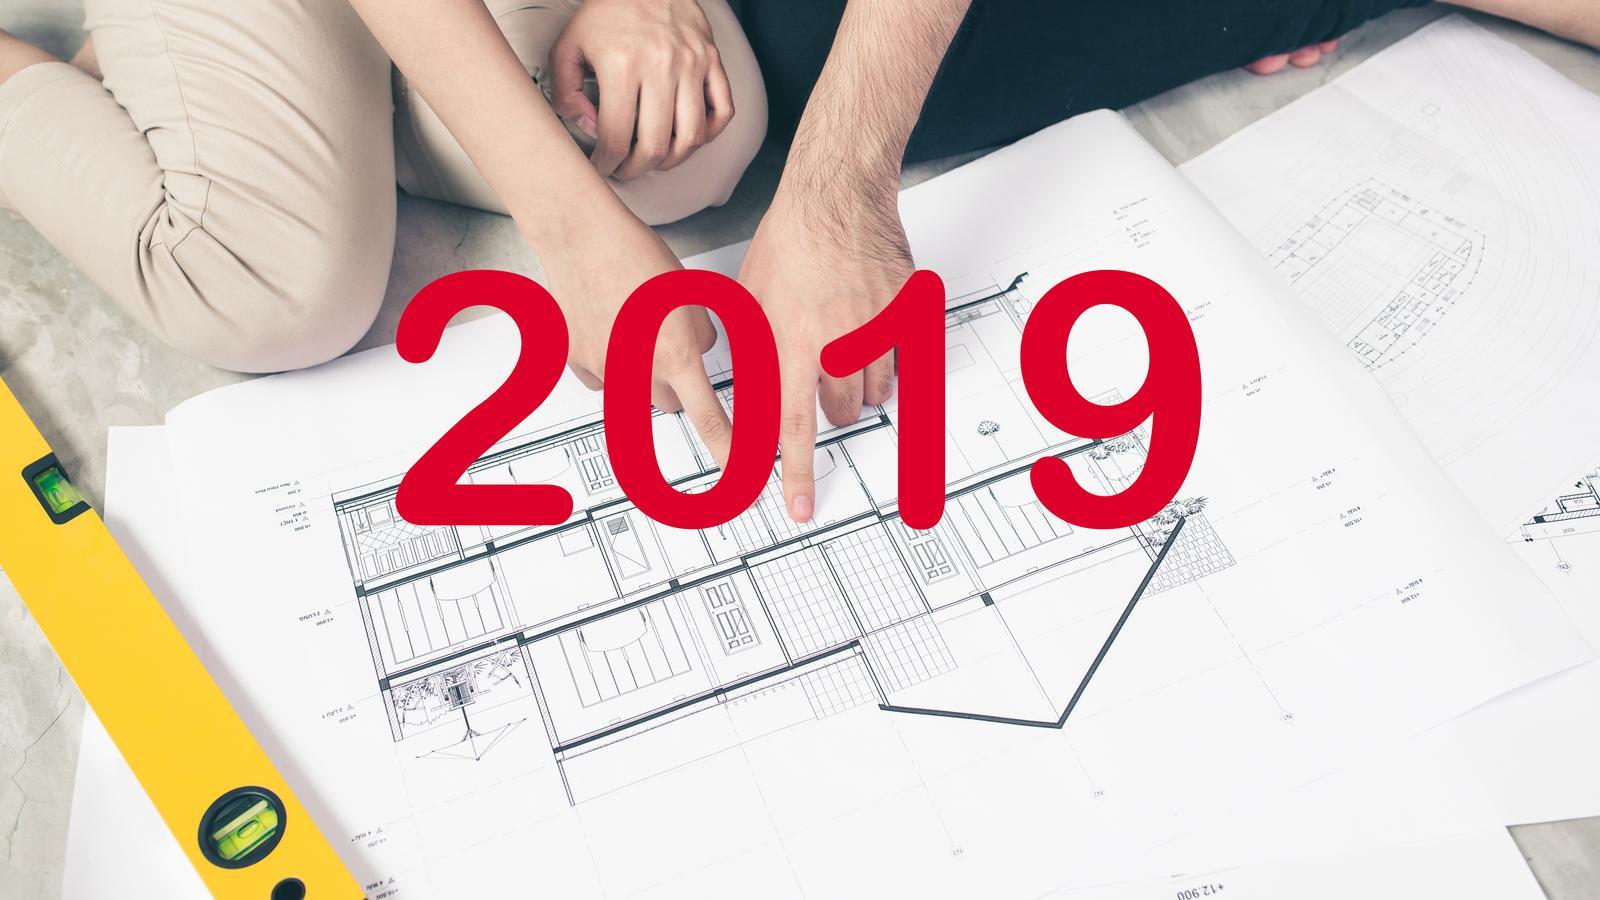 V roku 2019 začíname stavať - Fotka skupiny